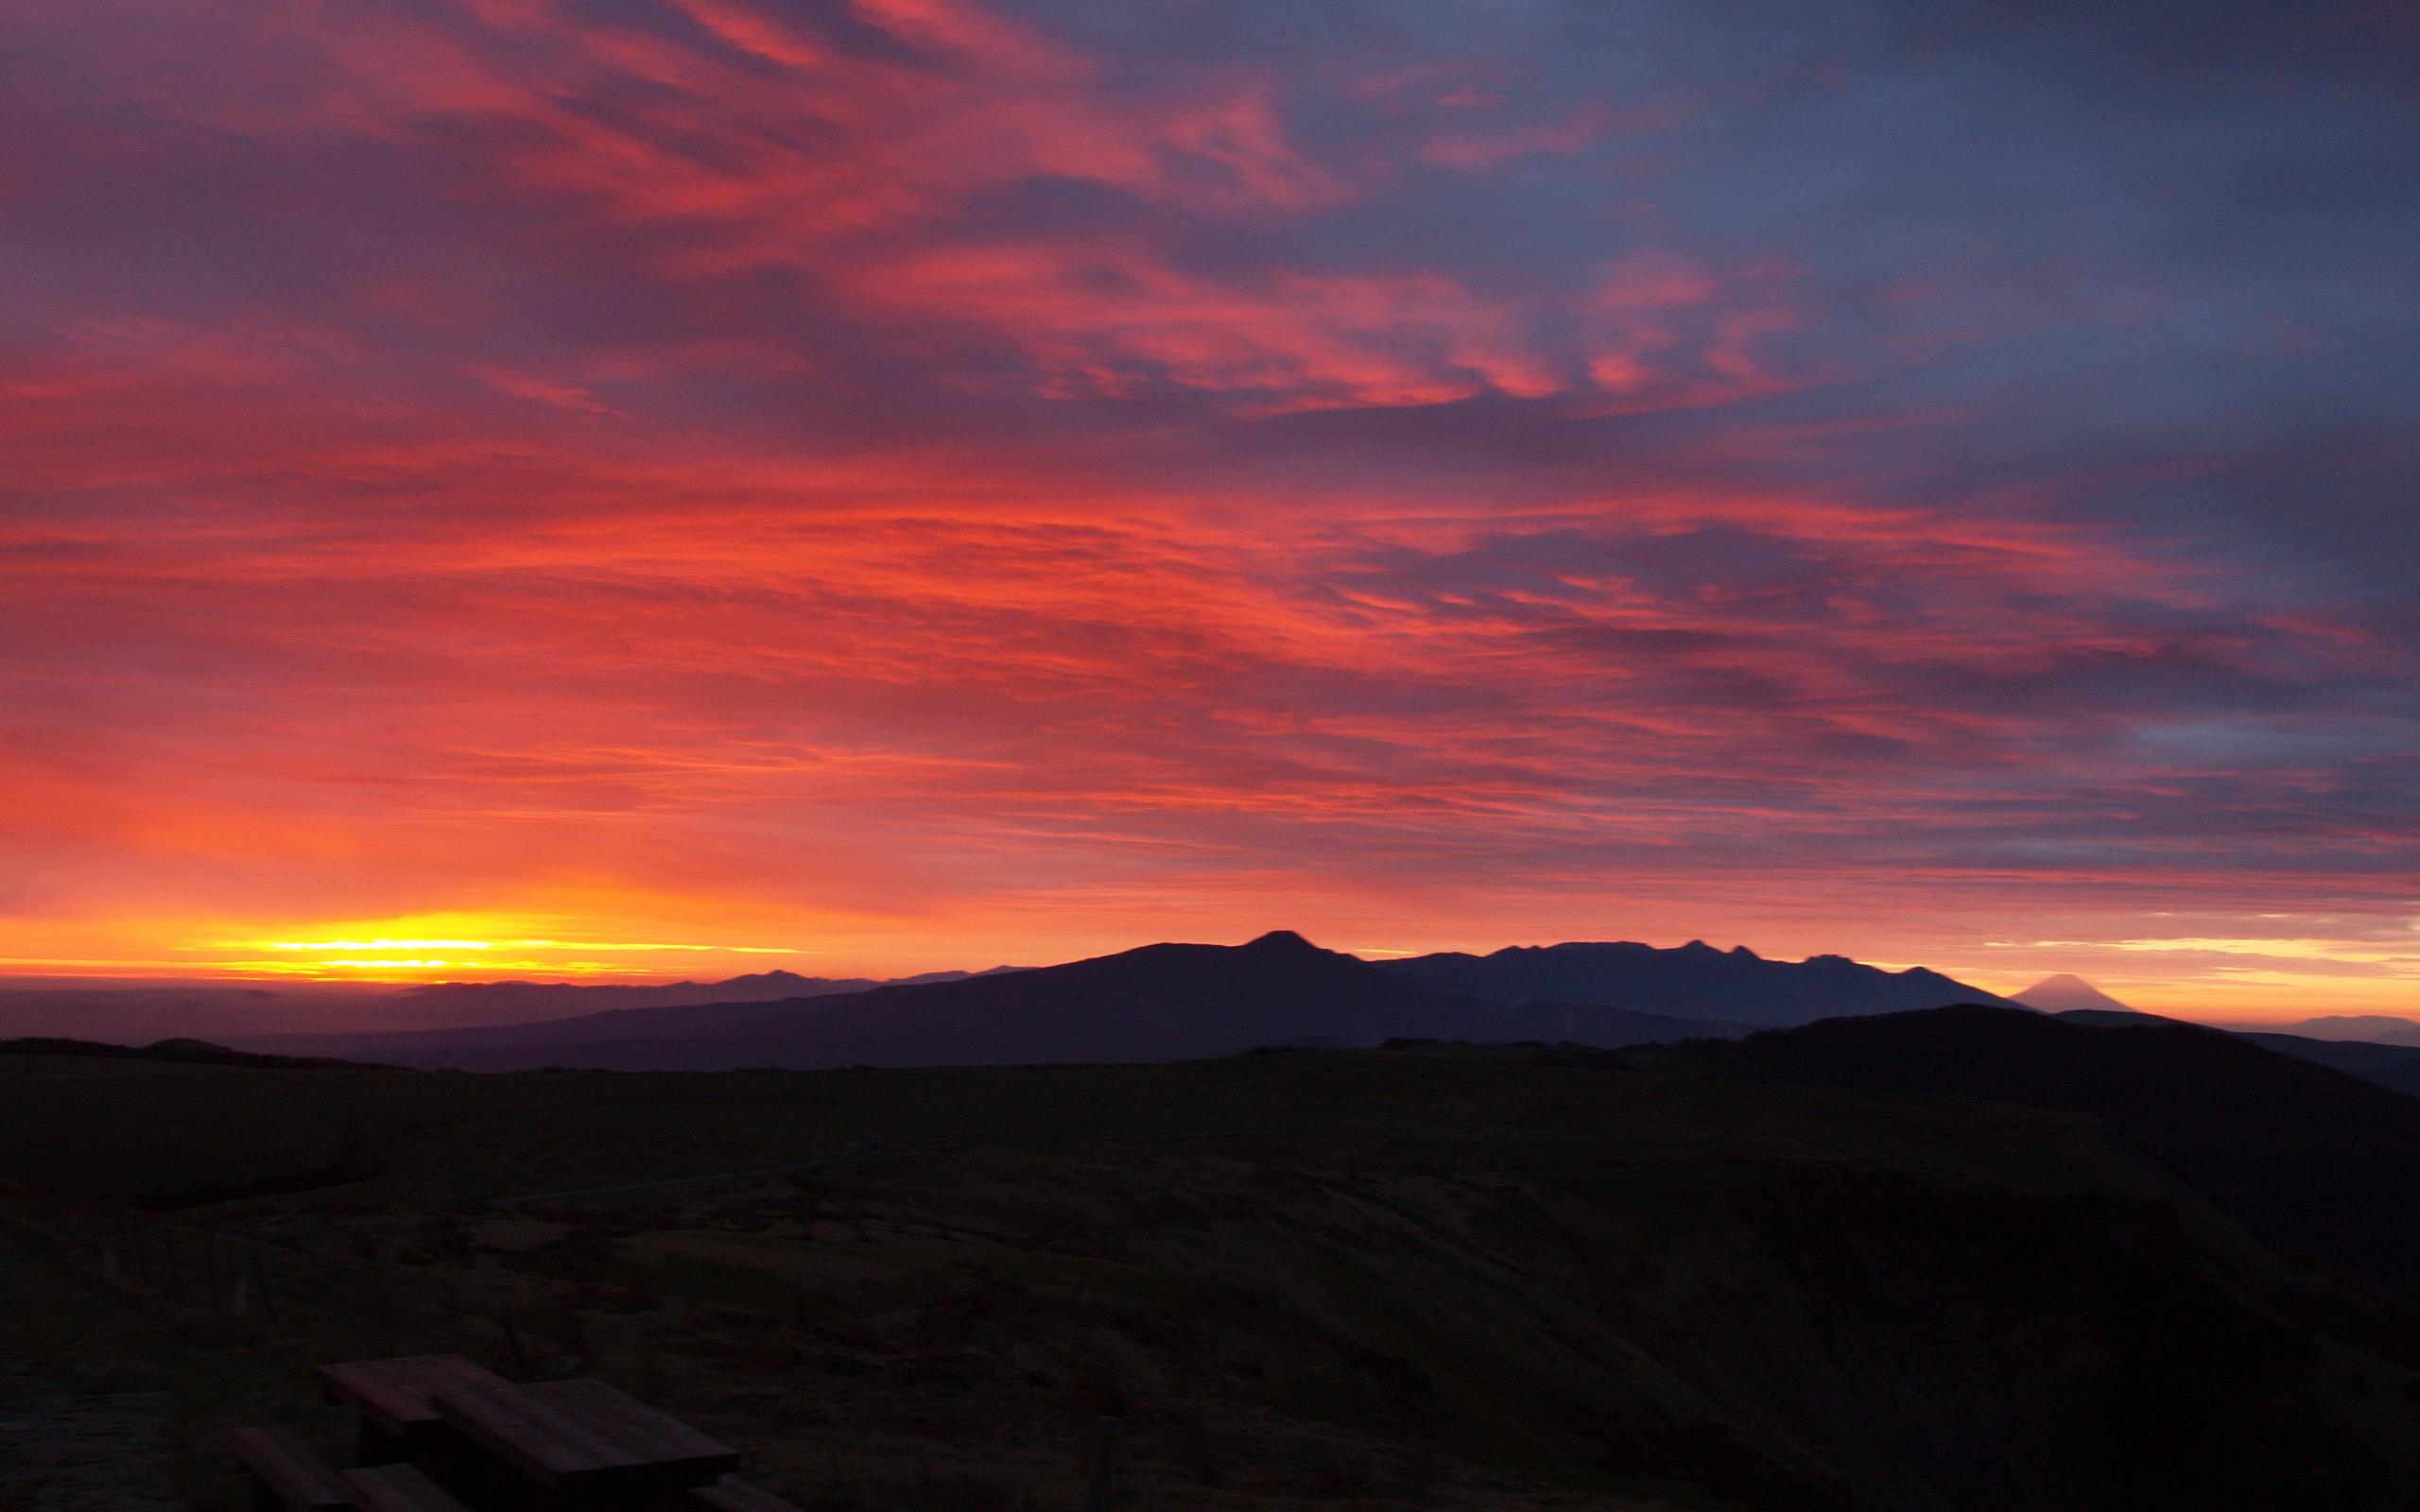 夜明けの無料壁紙 日の出の風景写真 高解像度 高画質